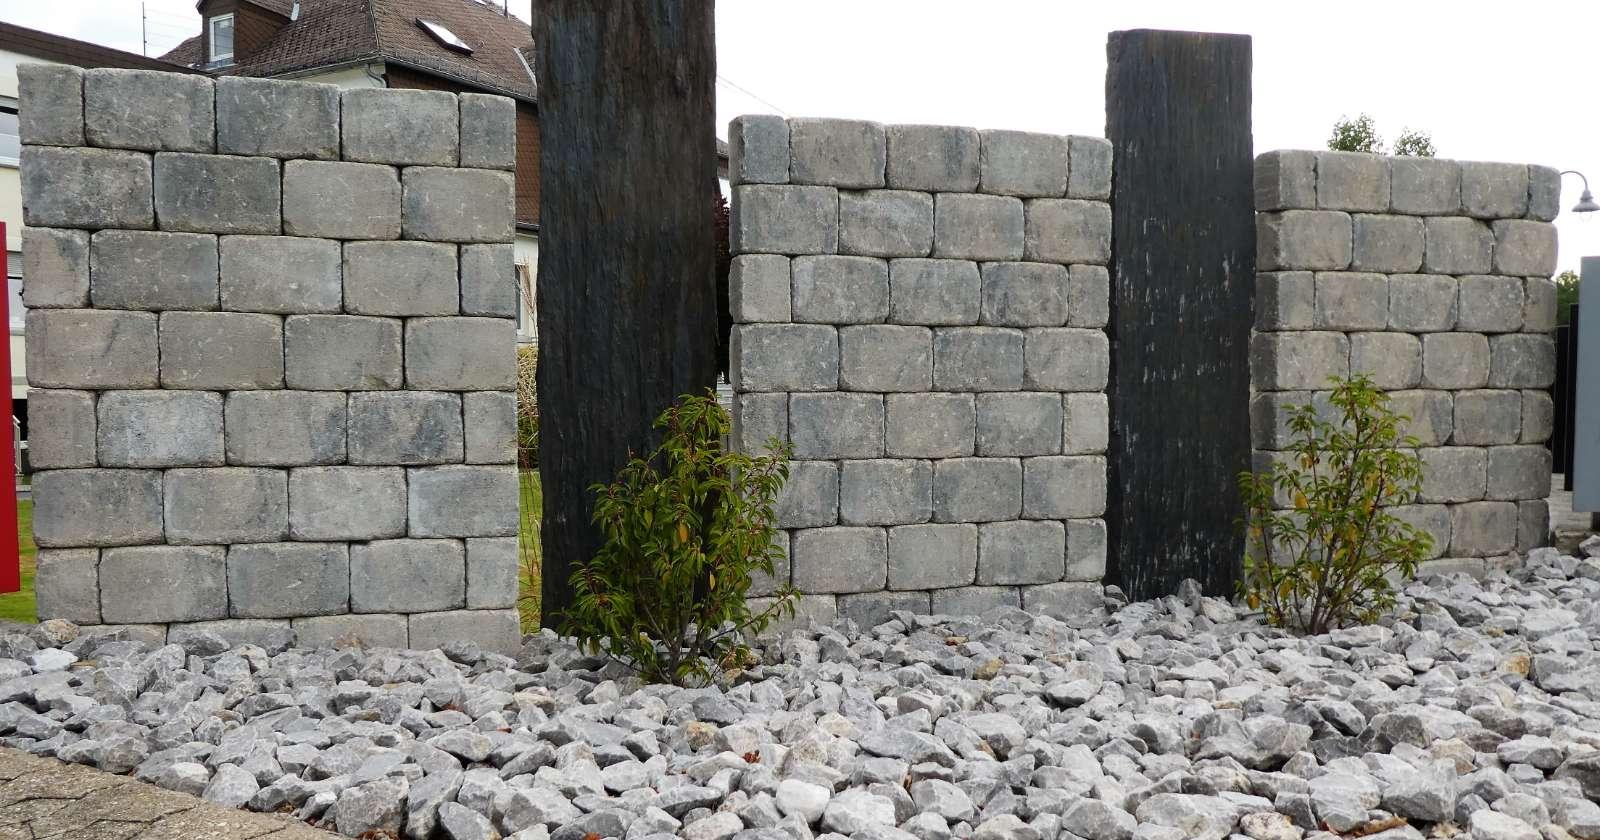 Mauerstein Landscape